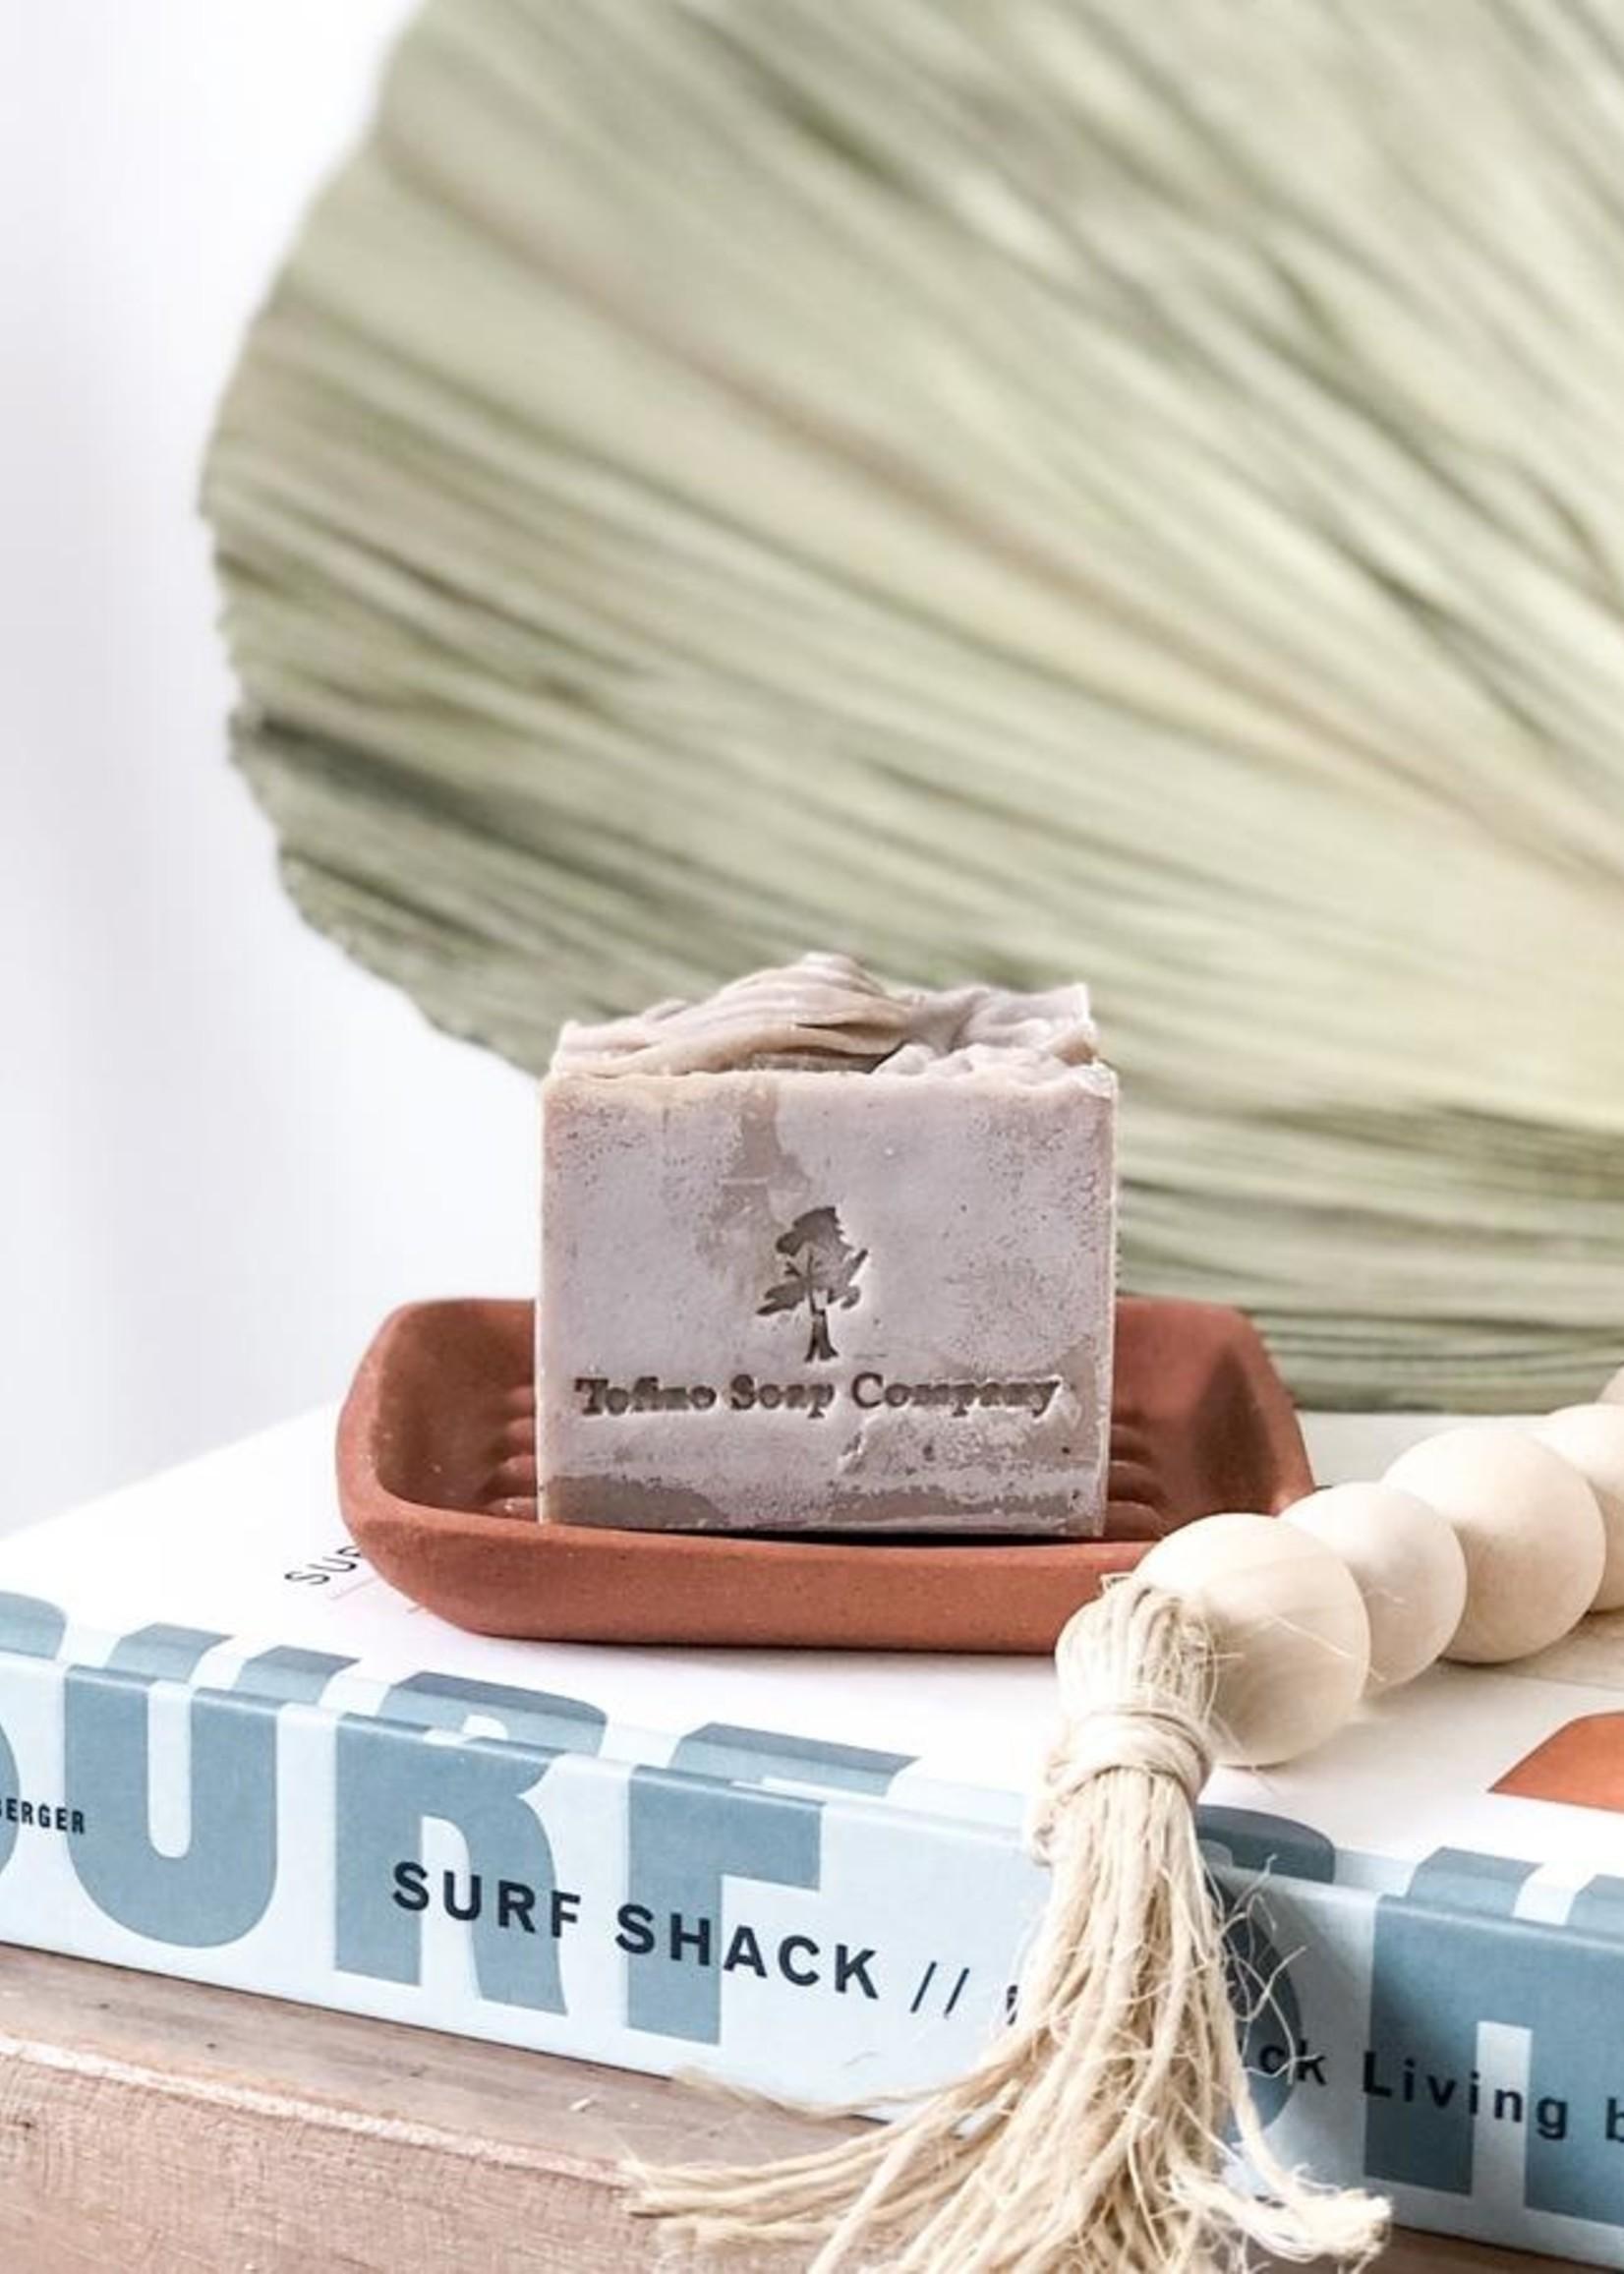 Tofino Soap Company Tofino Soap Company - Surf Soap